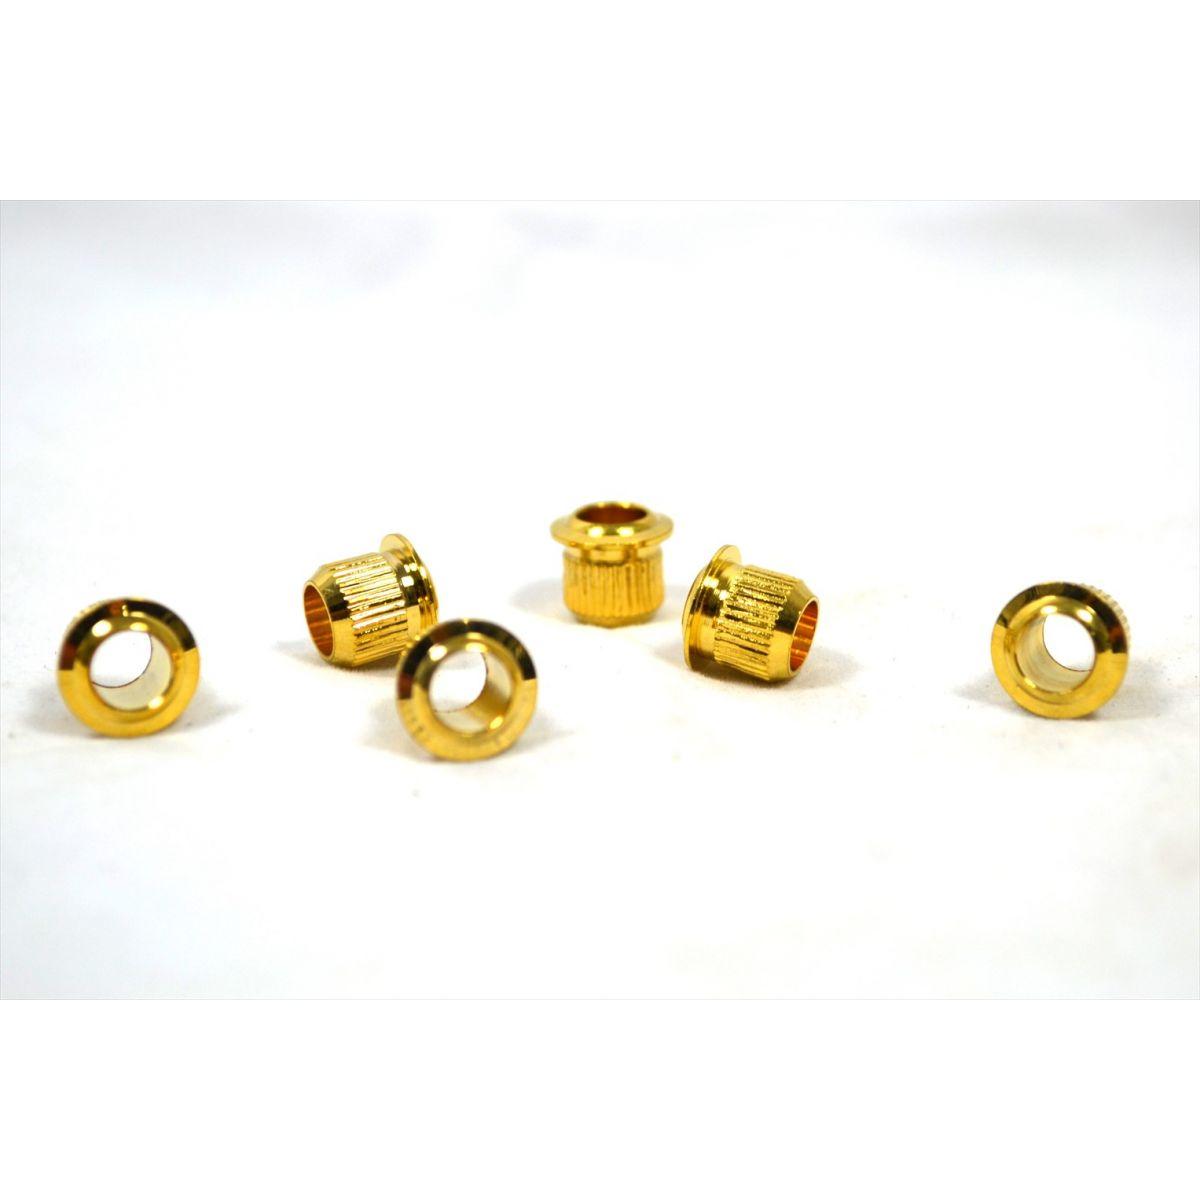 Ilhos dourados para tarraxas de guitarra - Kit com 6 peças (HS022-GD)  - Luthieria Brasil